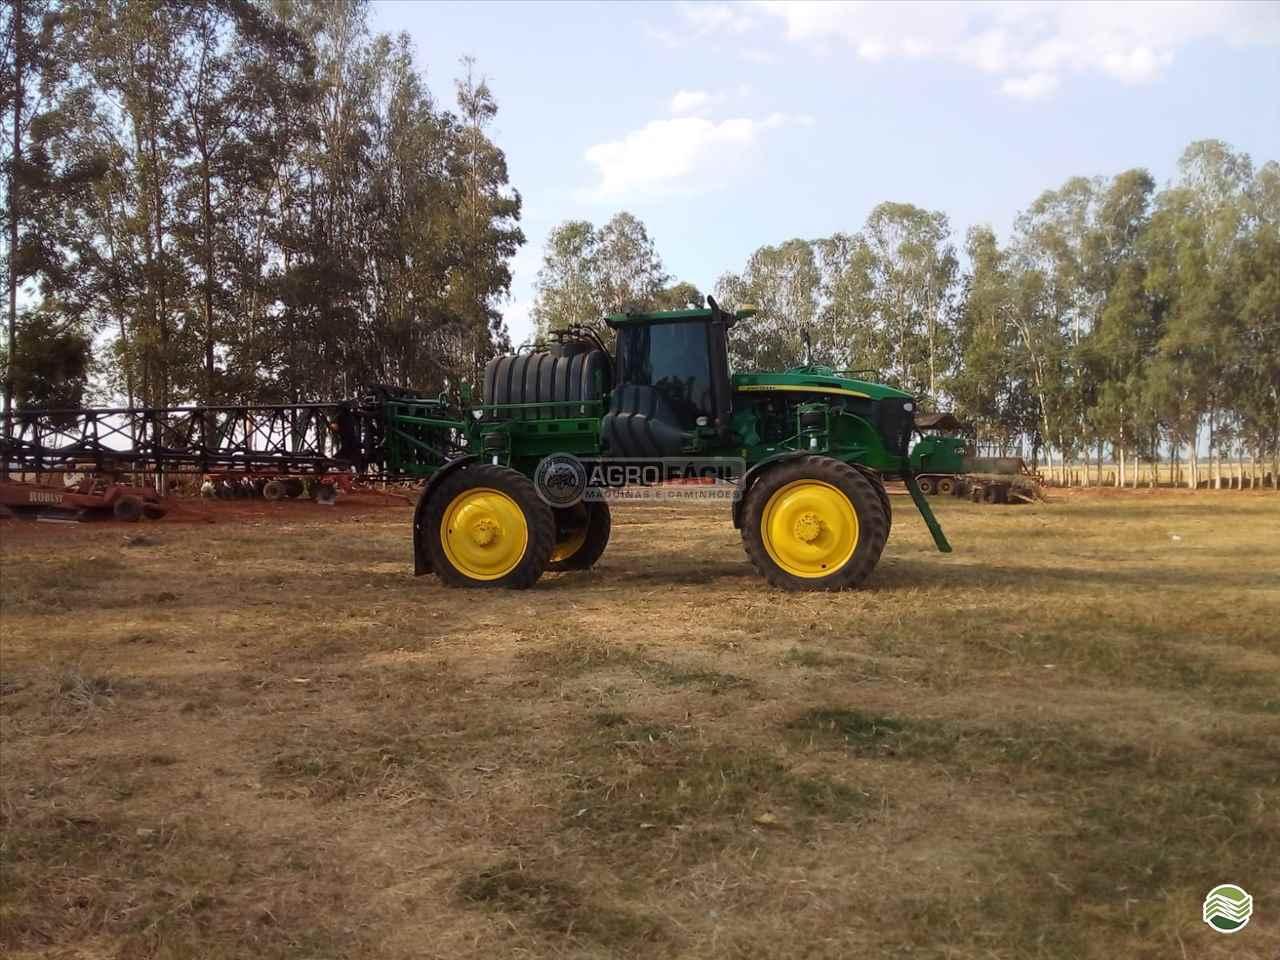 PULVERIZADOR JOHN DEERE JOHN DEERE 4730 Tração 4x4 Agro Fácil Máquinas PRIMAVERA DO LESTE MATO GROSSO MT